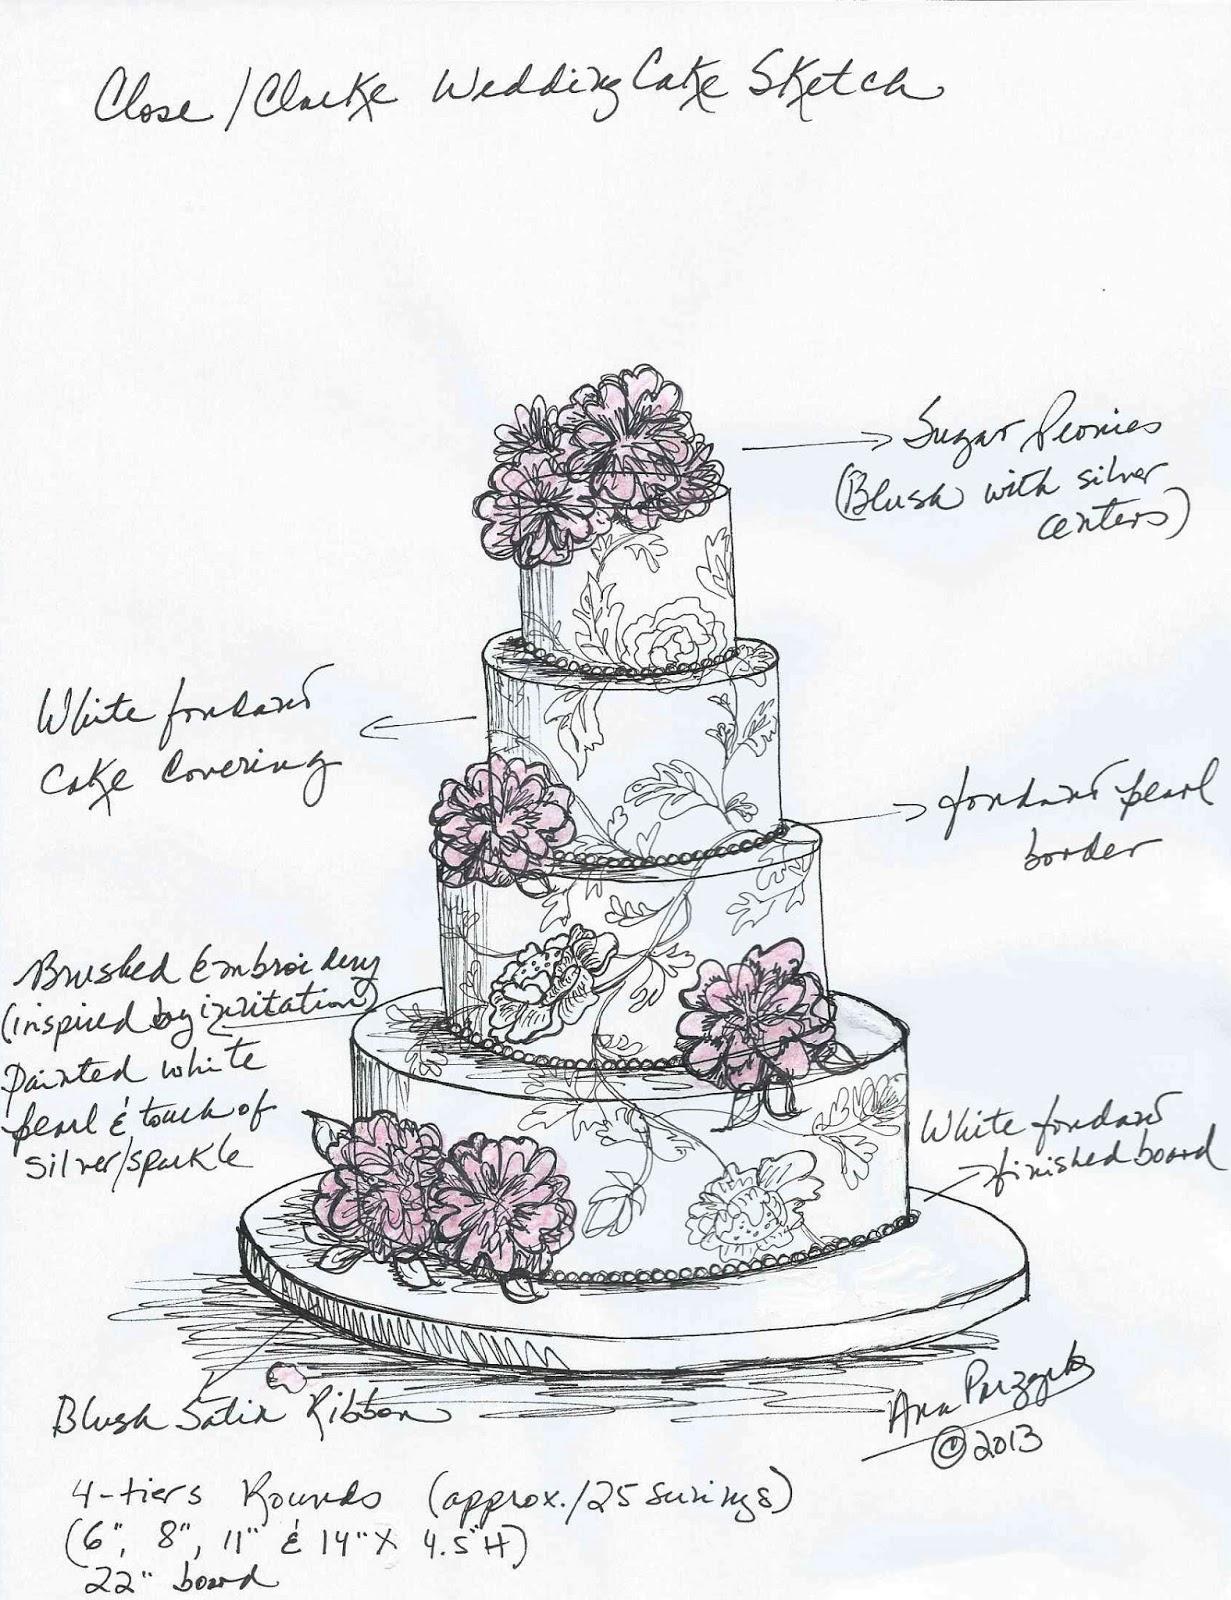 1231x1600 Ana parzych custom cakes sketch wedding cakes nyc wedding cakes ct